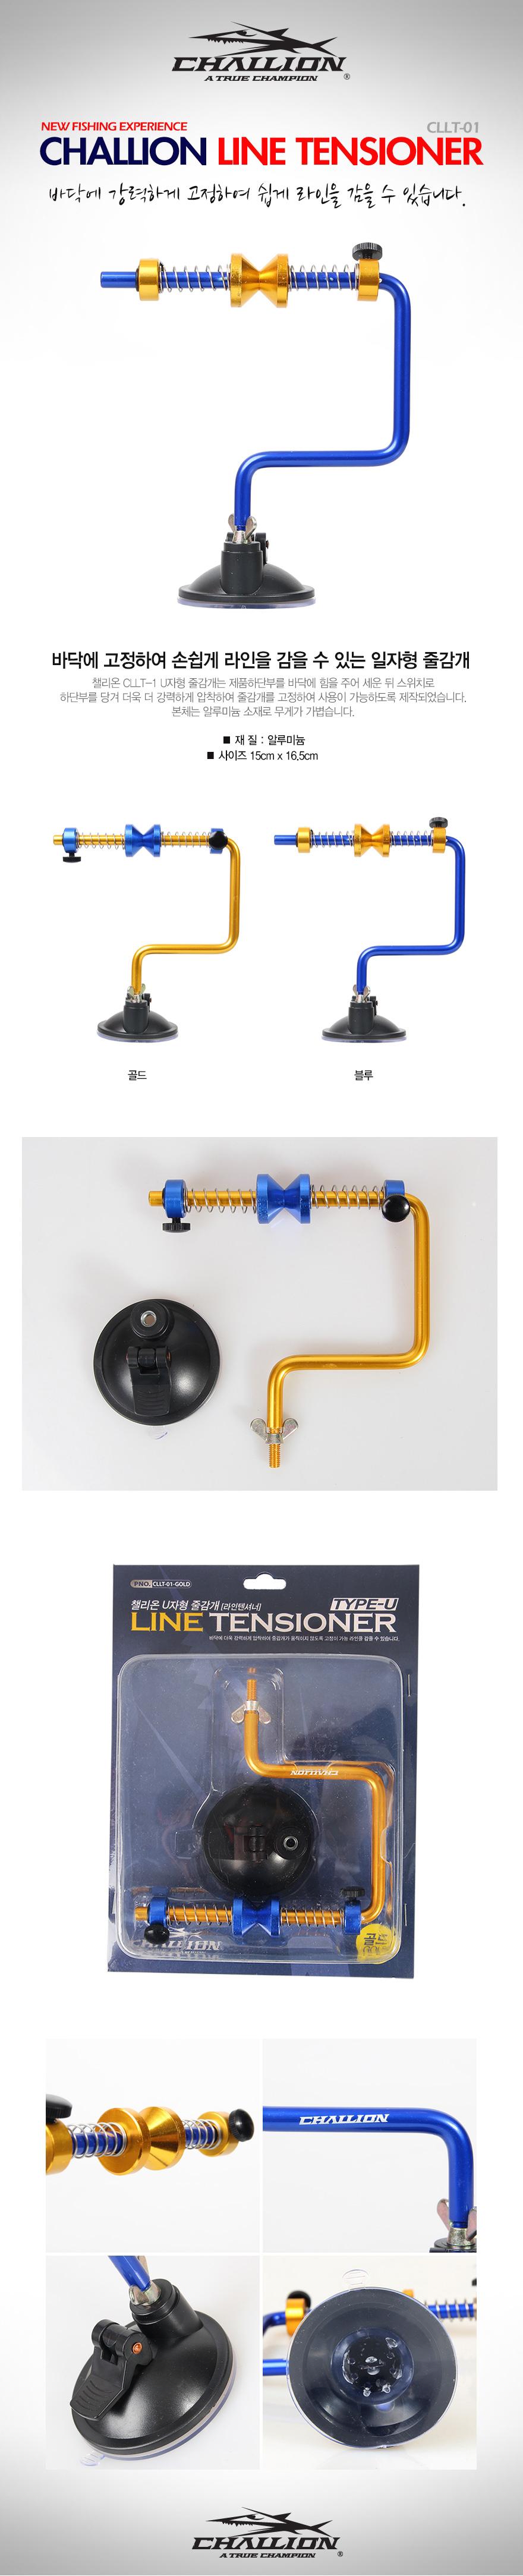 챌리온 라인텐셔너 TYPE -U 골드 (CLLT-01) 라인줄감기 릴줄감기 릴줄감개 라인줄감는기계 줄감는기계